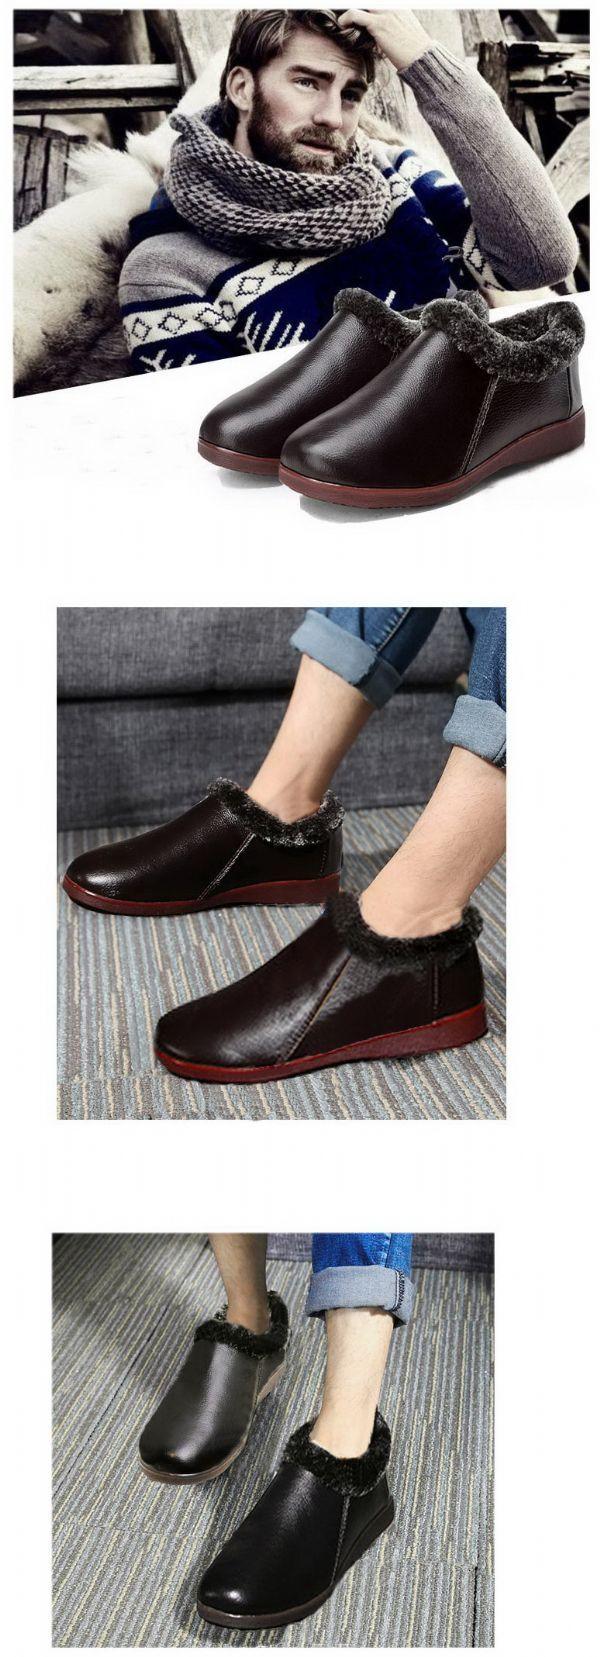 snow shoe รองเท้าบุ fur อุ่นสำหรับทุกเพศทุกวัย